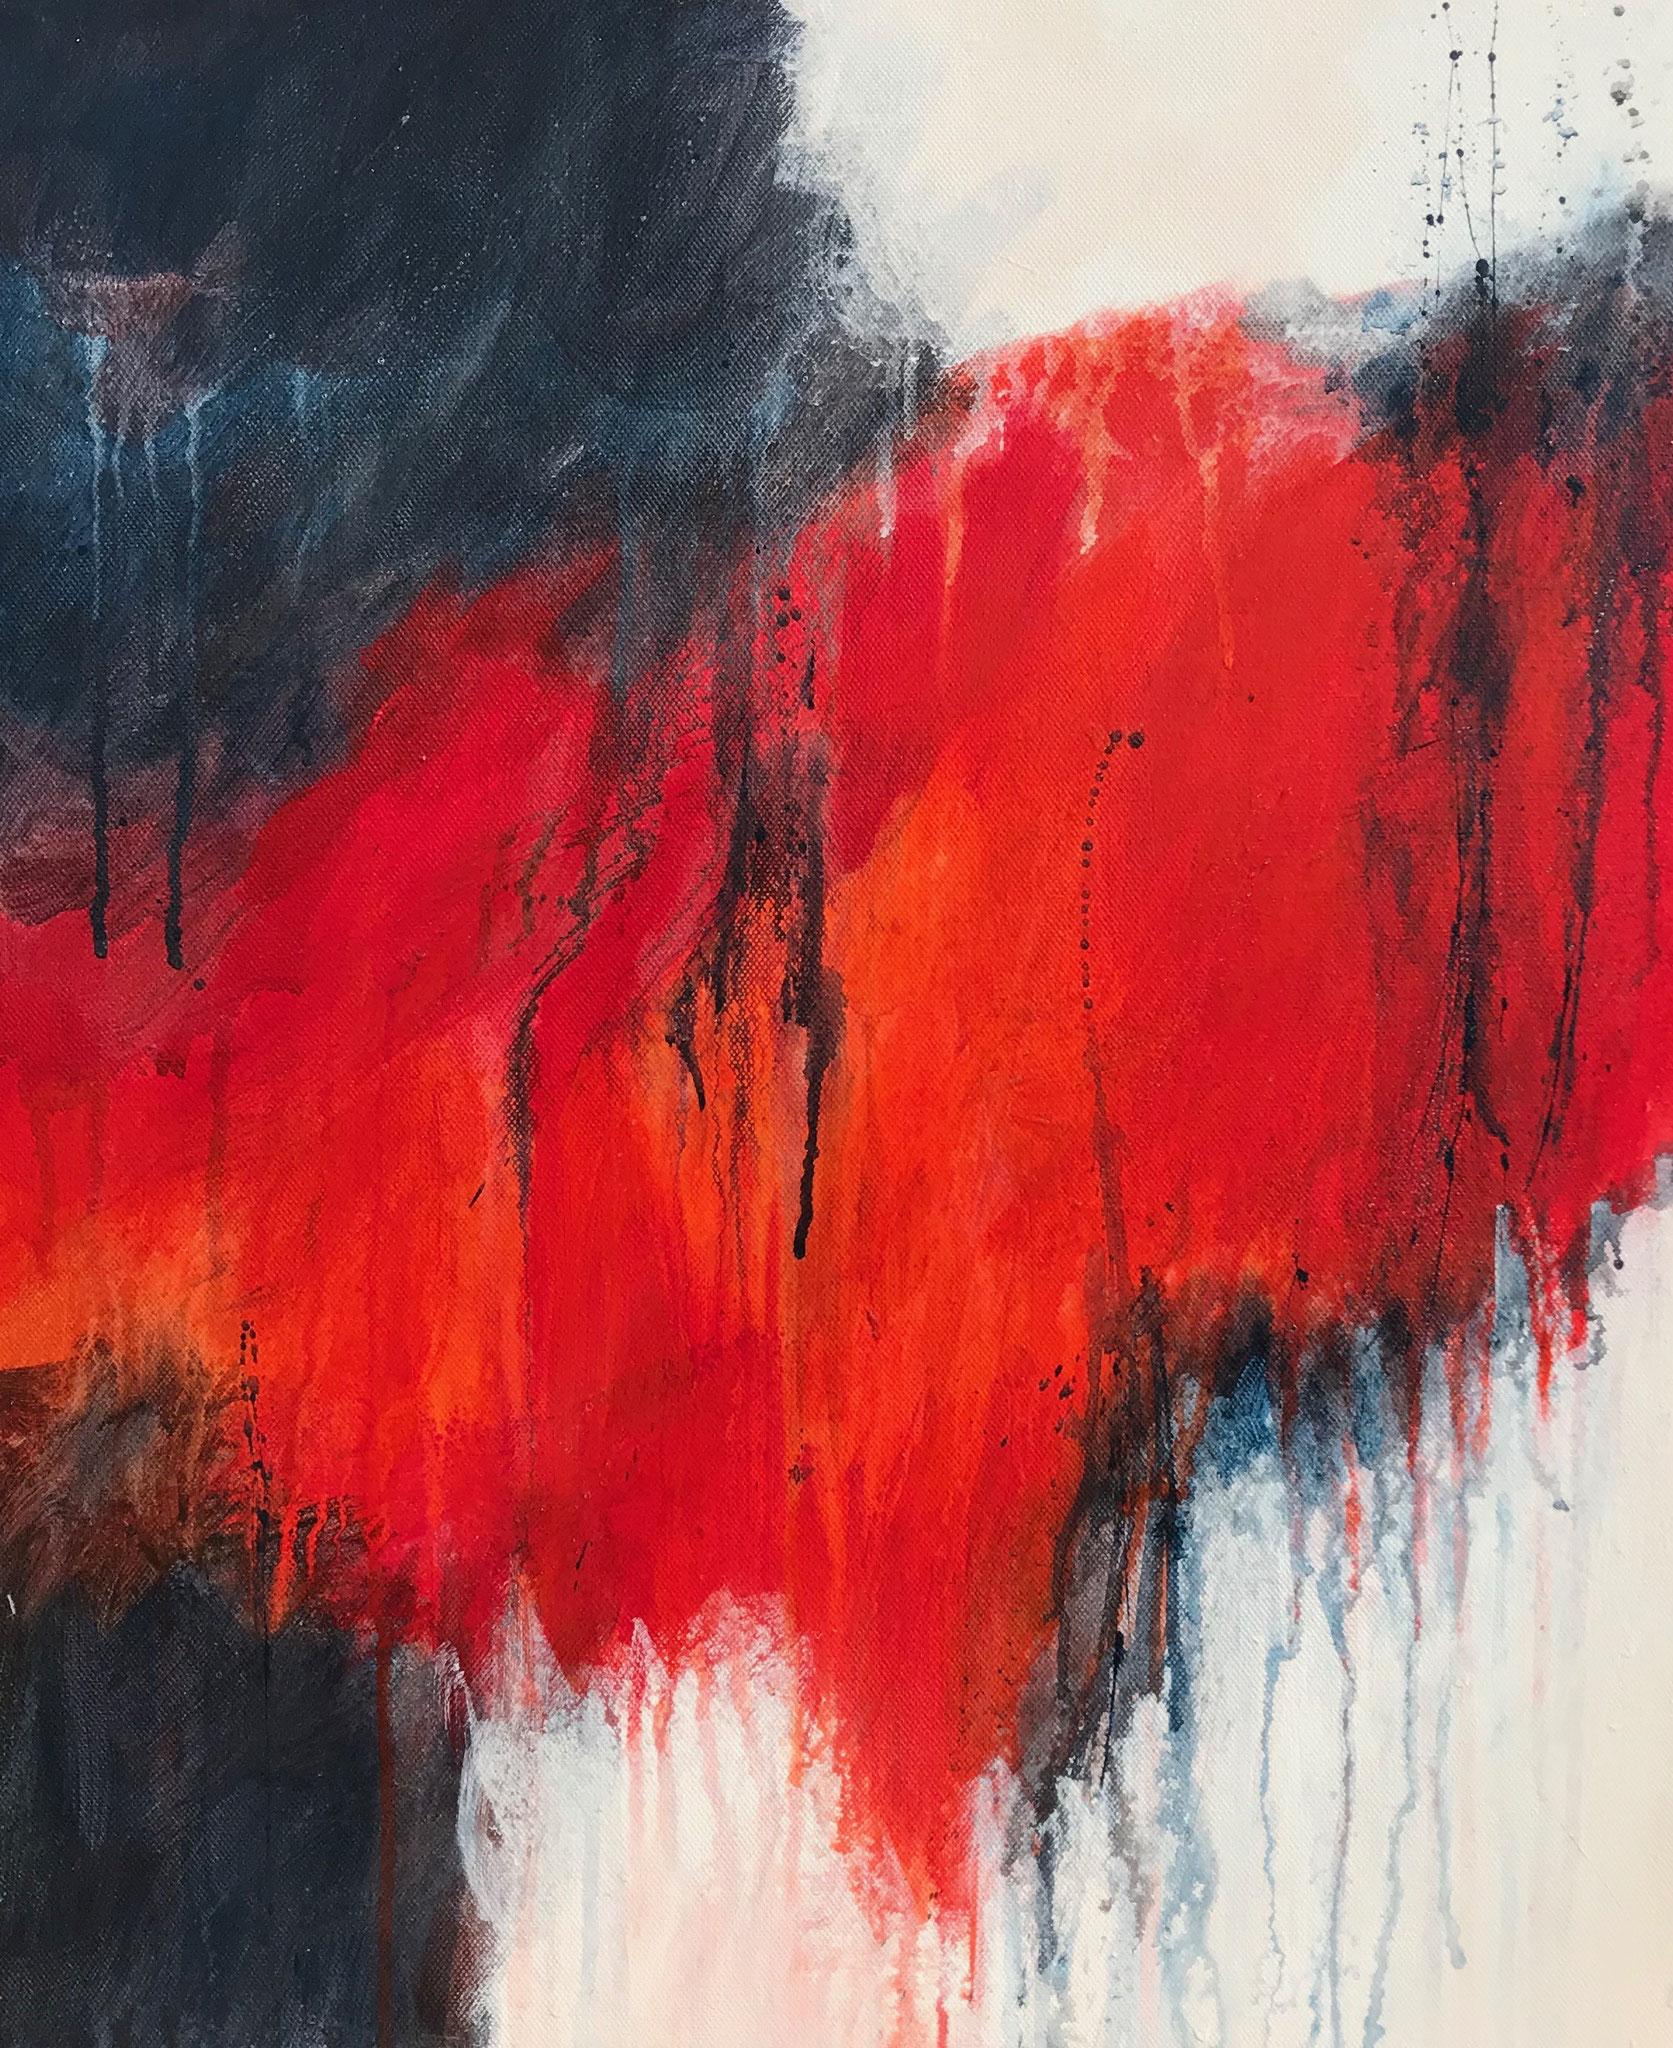 Les Enfers # 2 - 55 x 46 cm - Acrylique sur toile - 2019